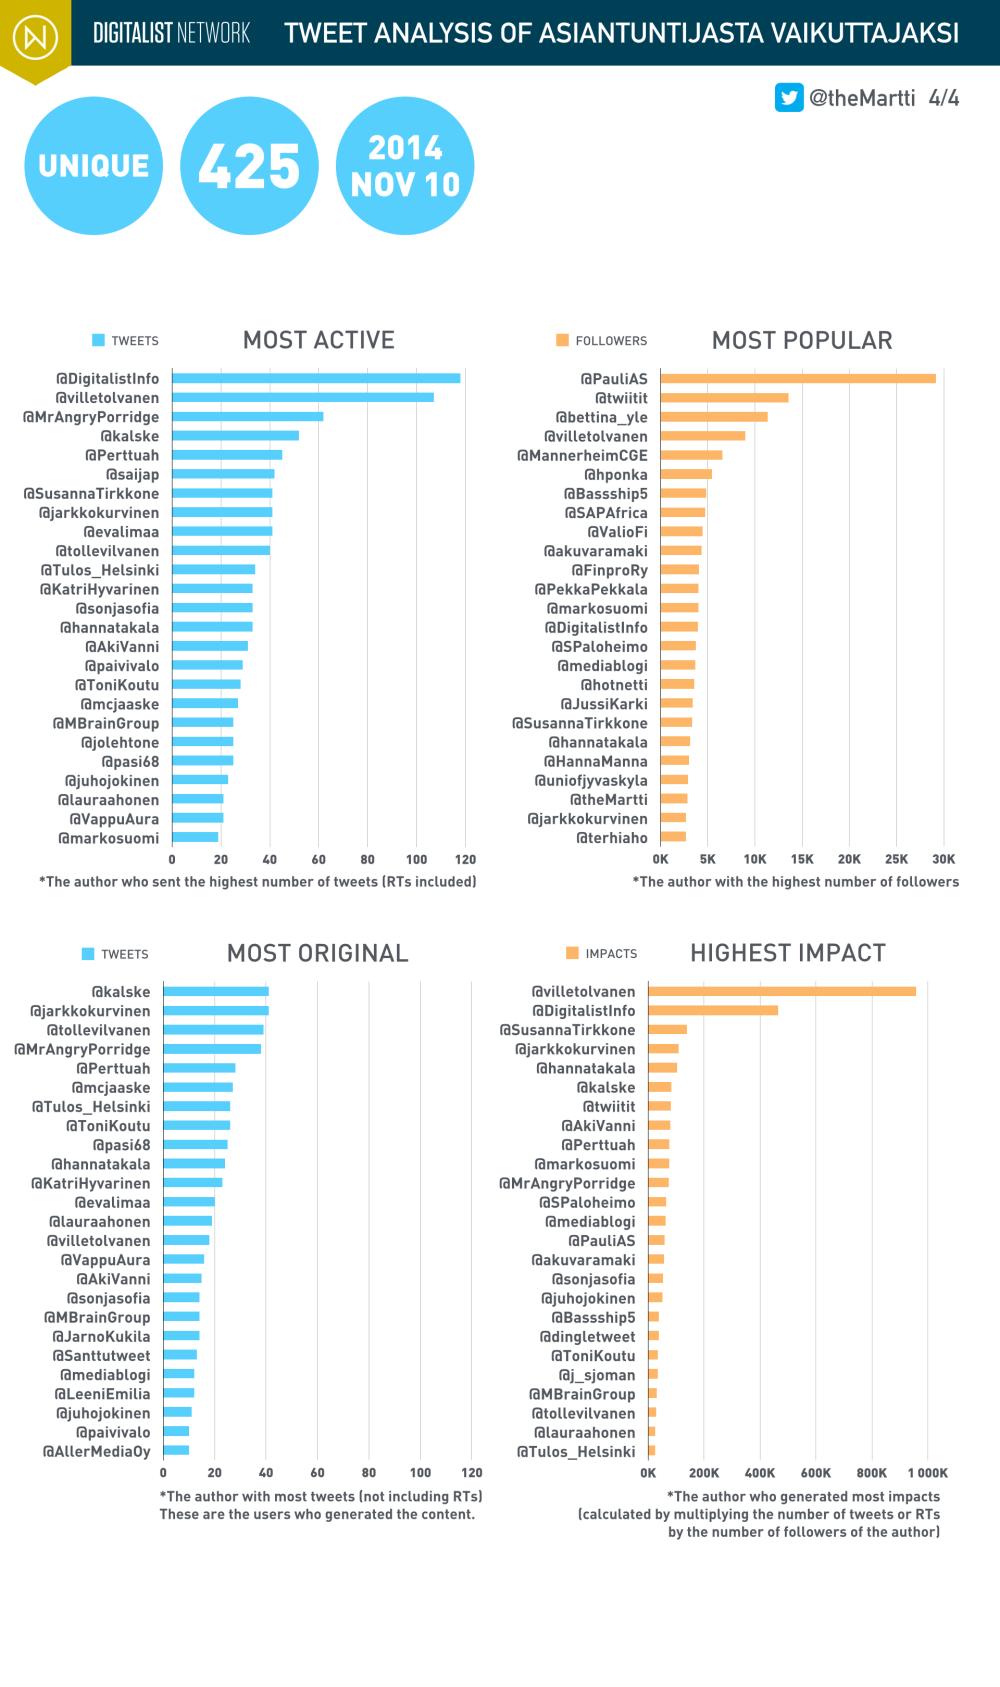 theMartti_Analysis_Digitalist_2014_vaikuttaja_004